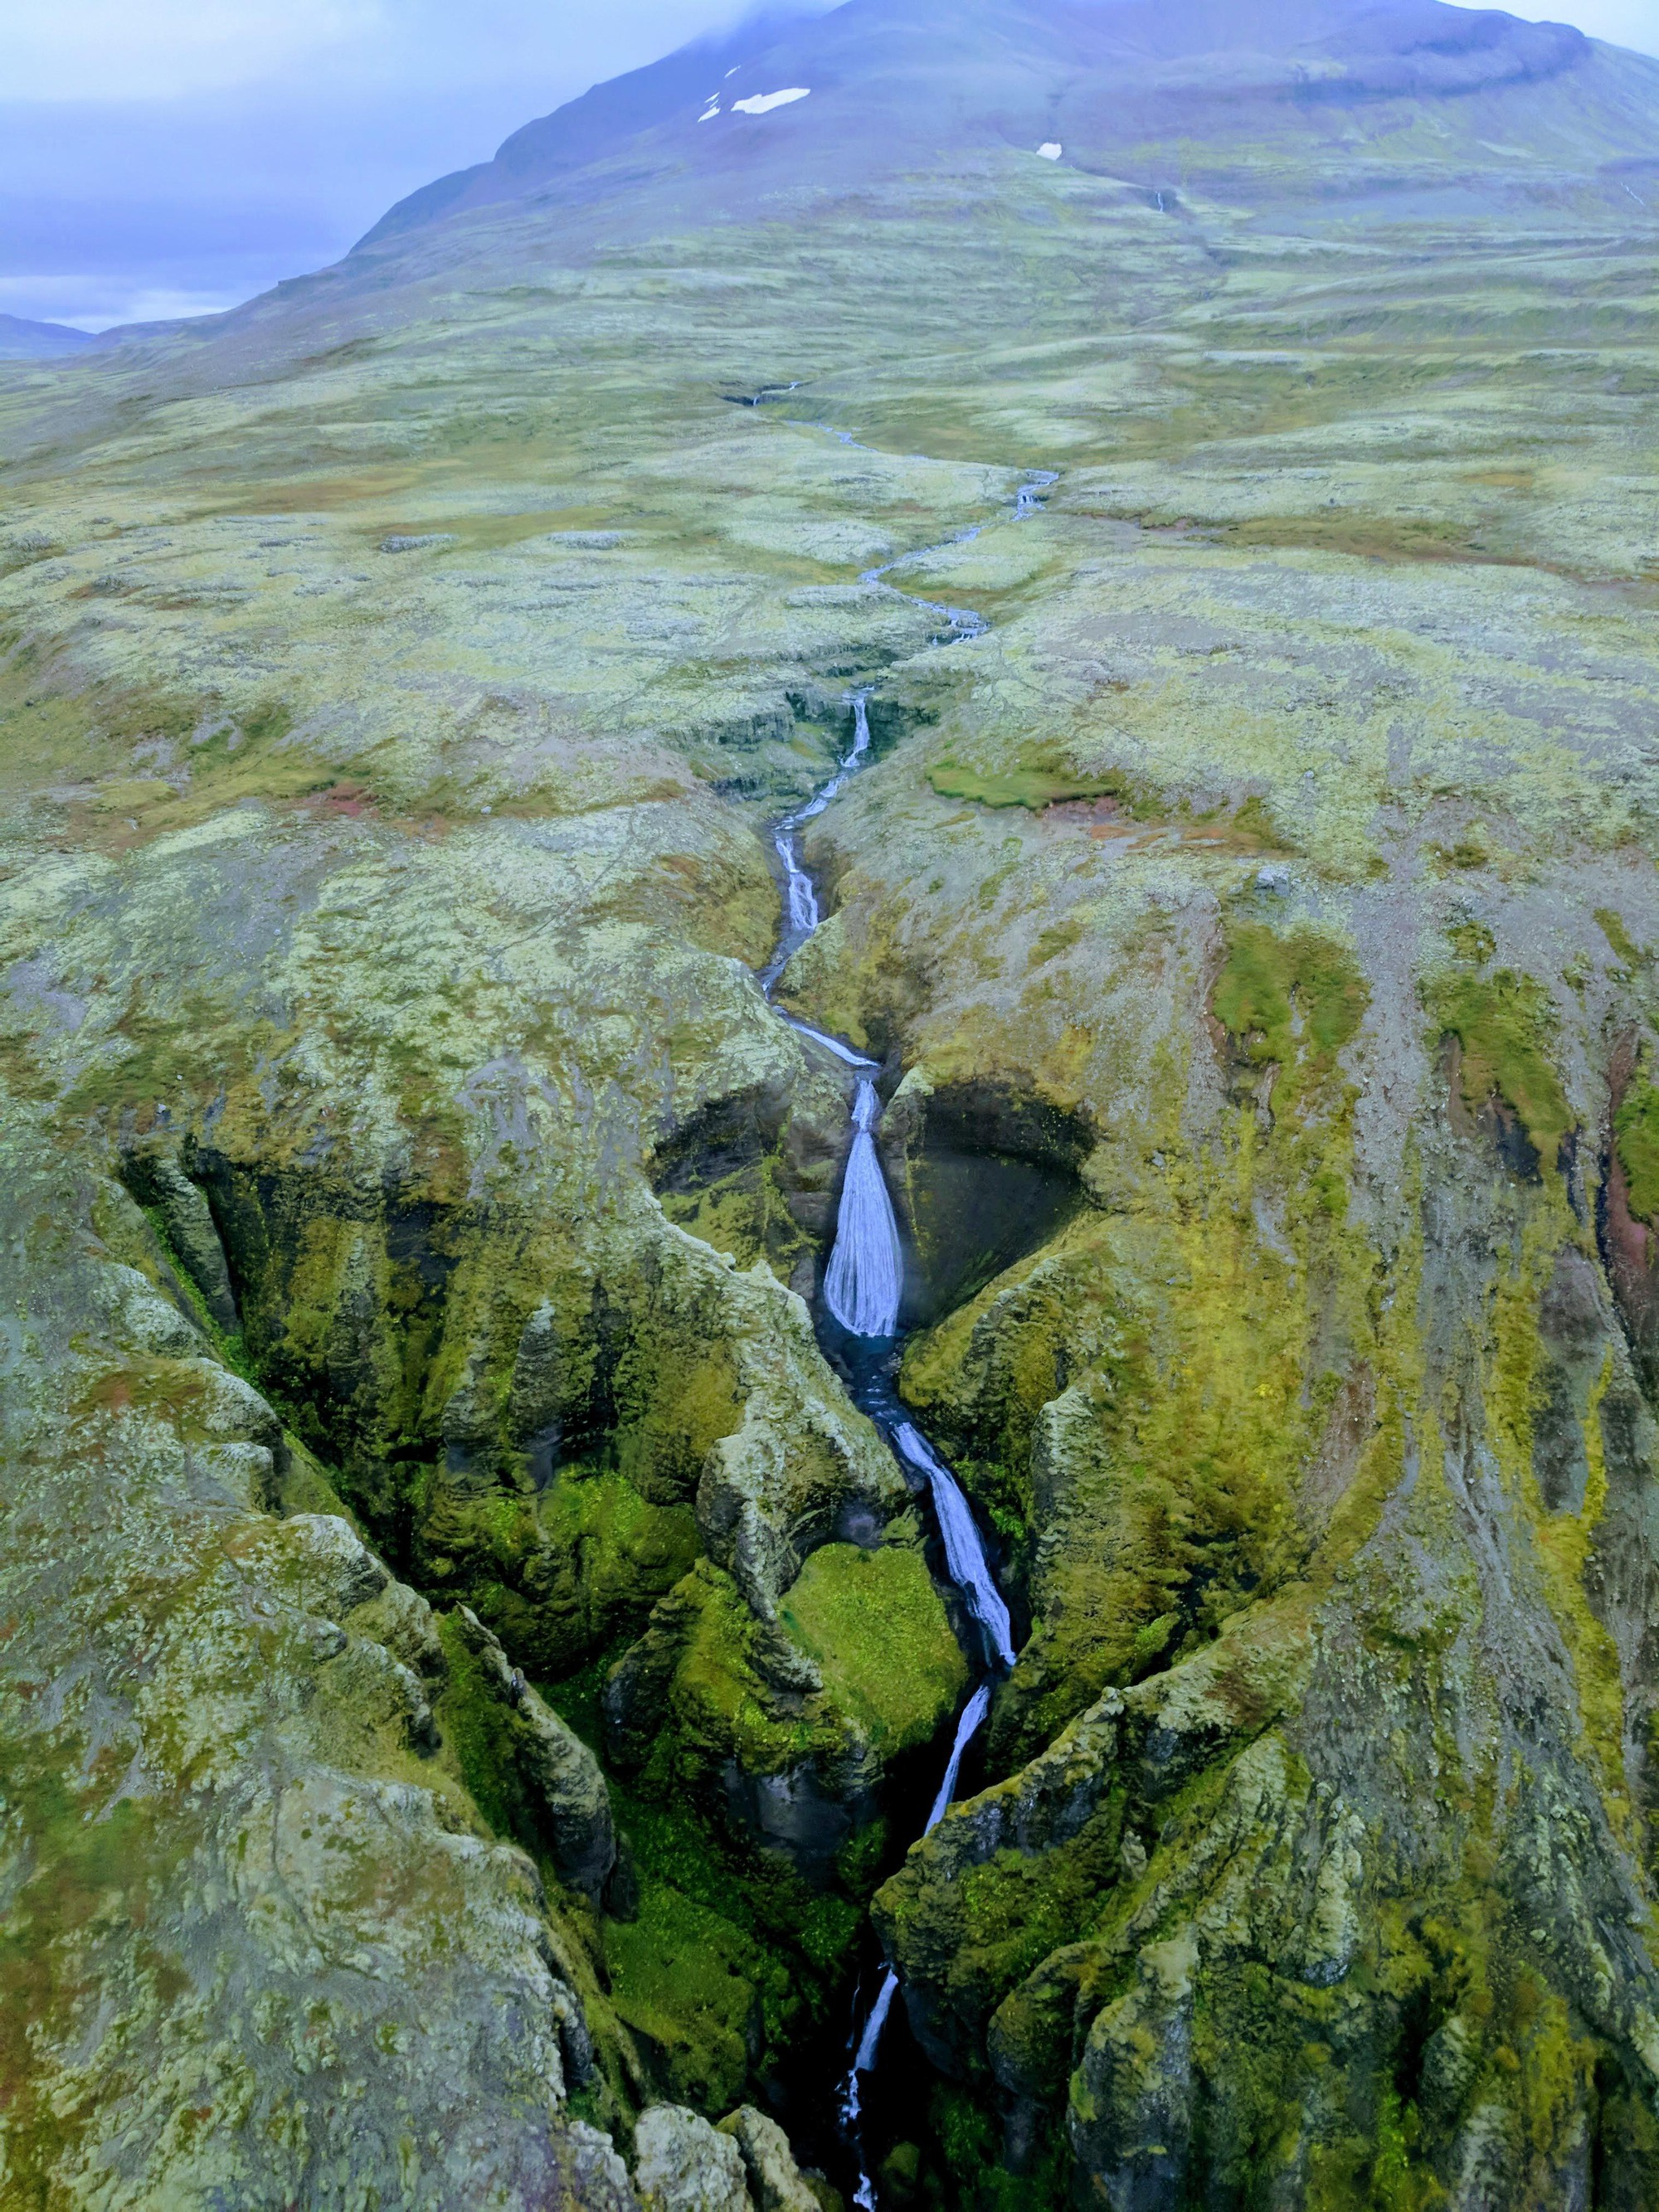 16 kỳ quan thác nước tuyệt đẹp trên khắp thế gian - Ảnh 25.